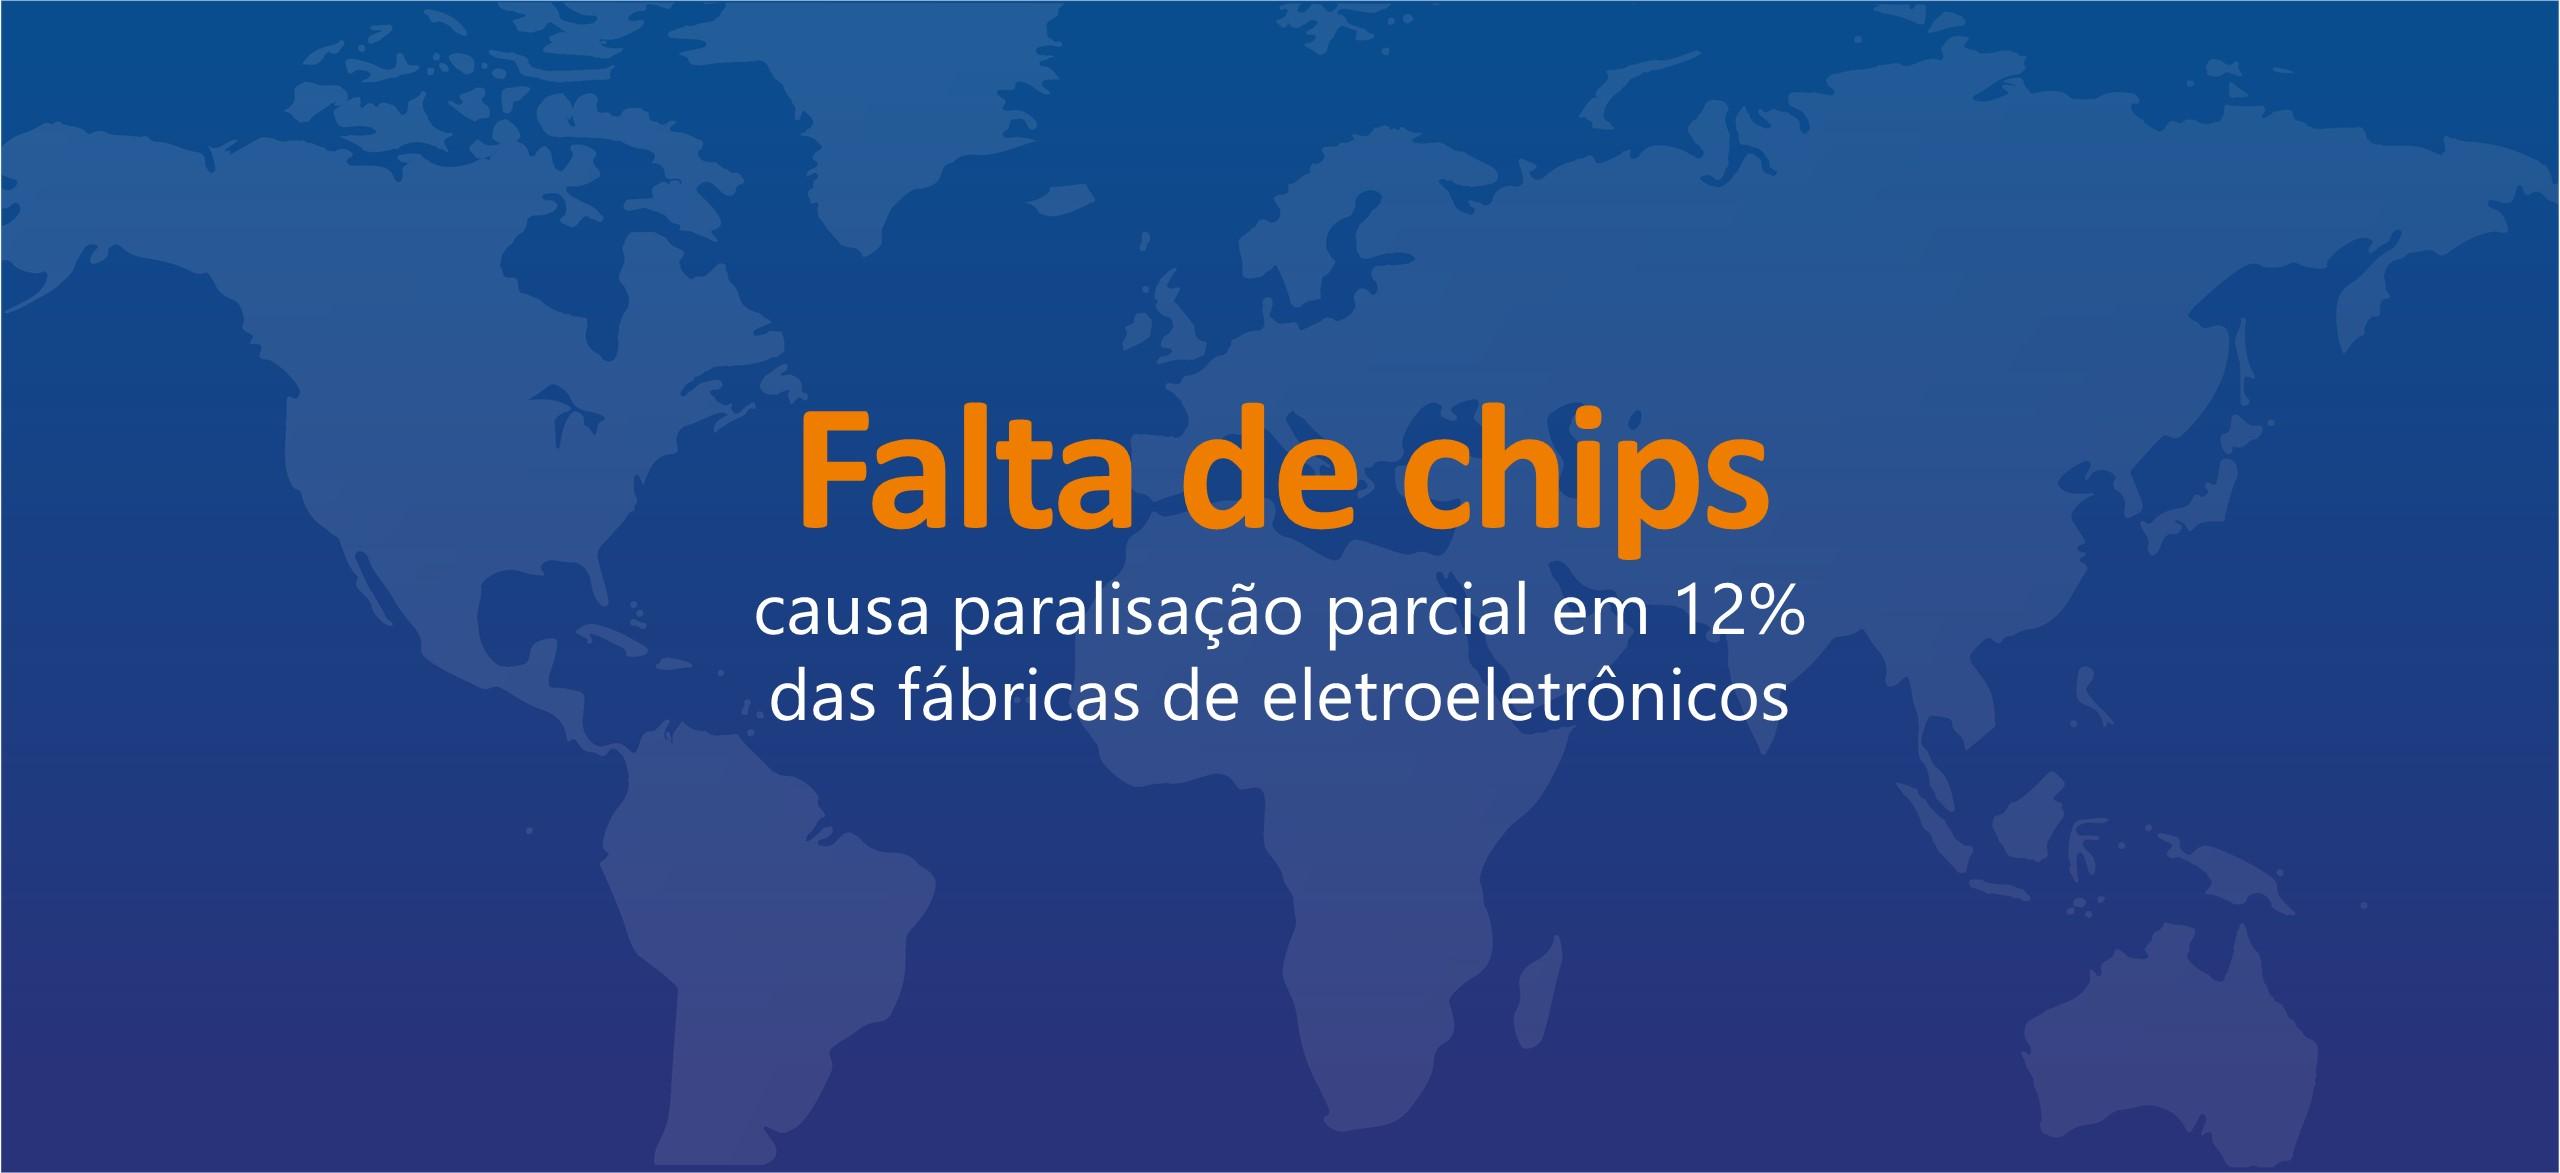 Falta de chips causa paralisação parcial em 12% das fábricas de eletroeletrônicos